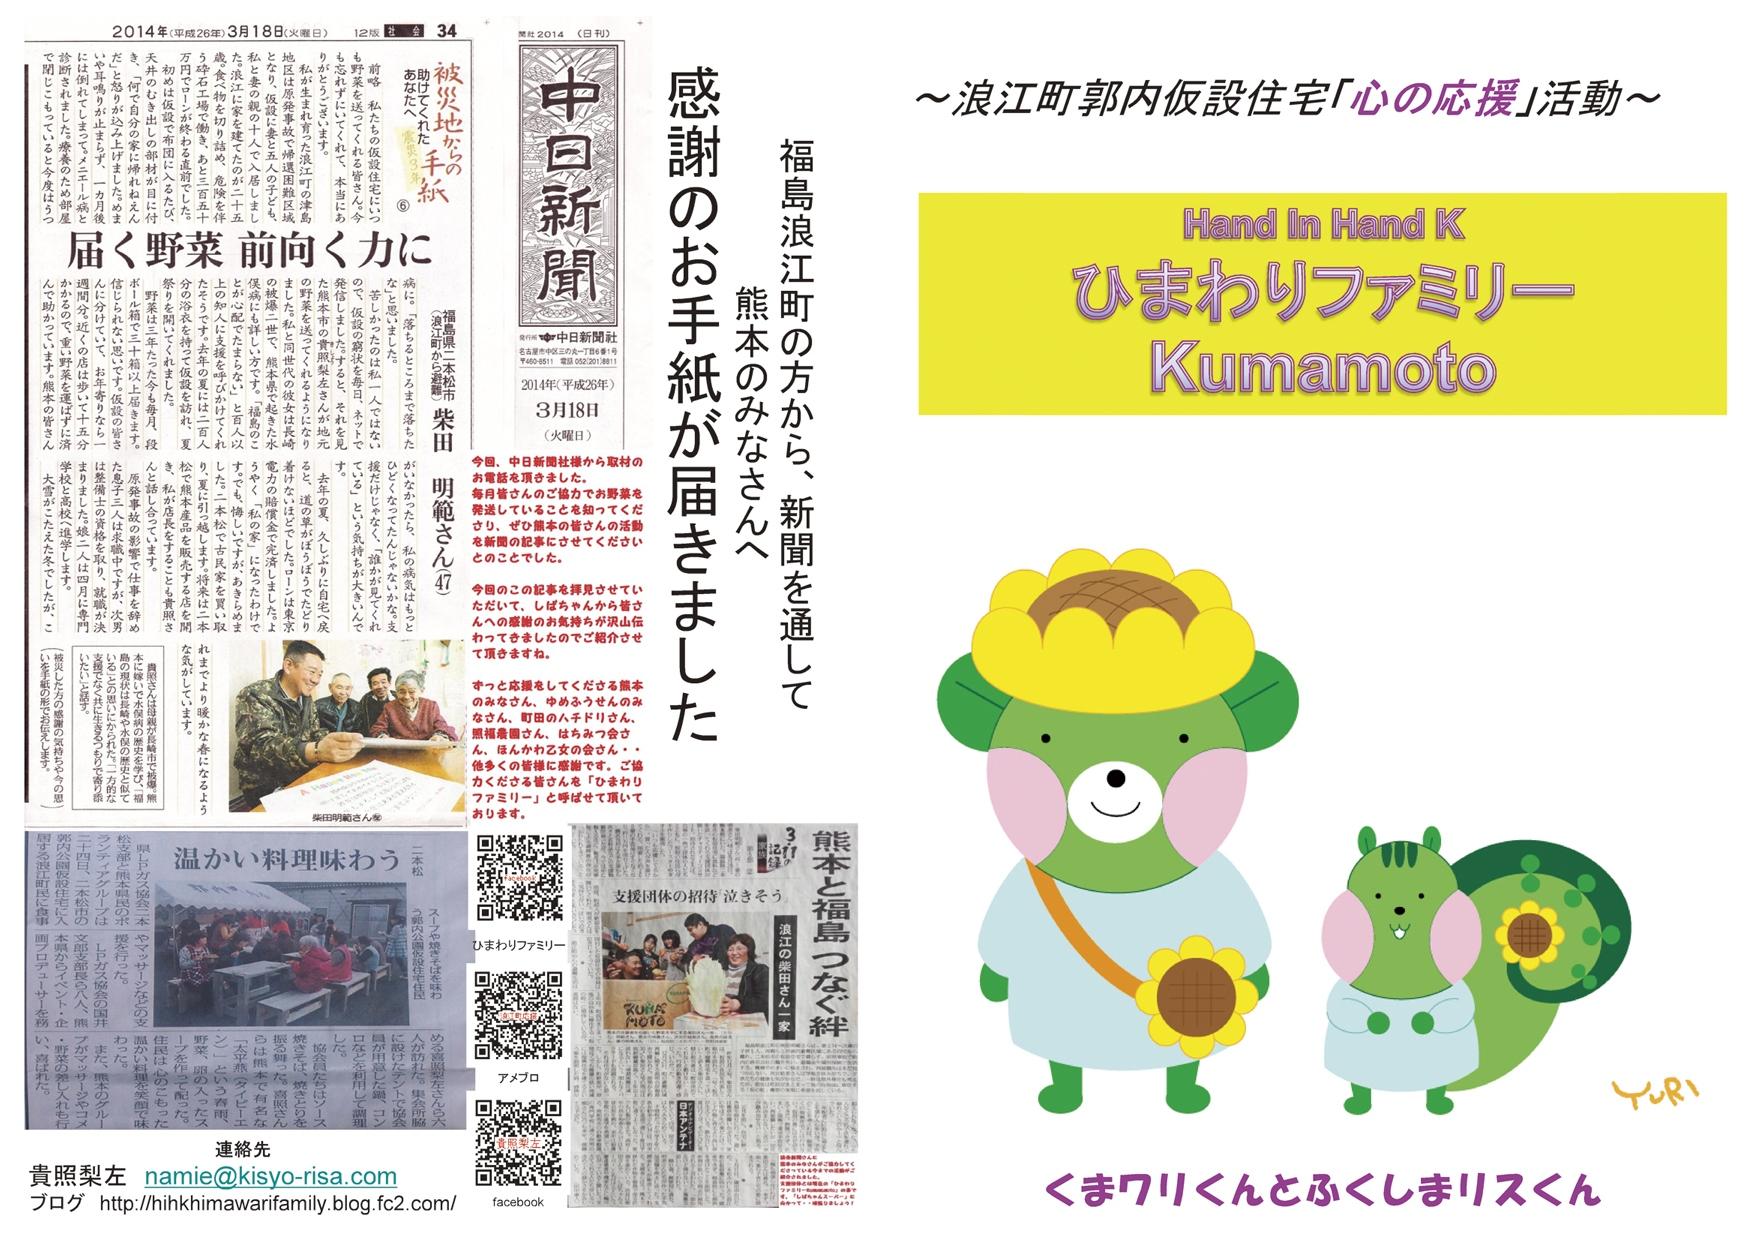 ひまわりファミリーチラシ表2014